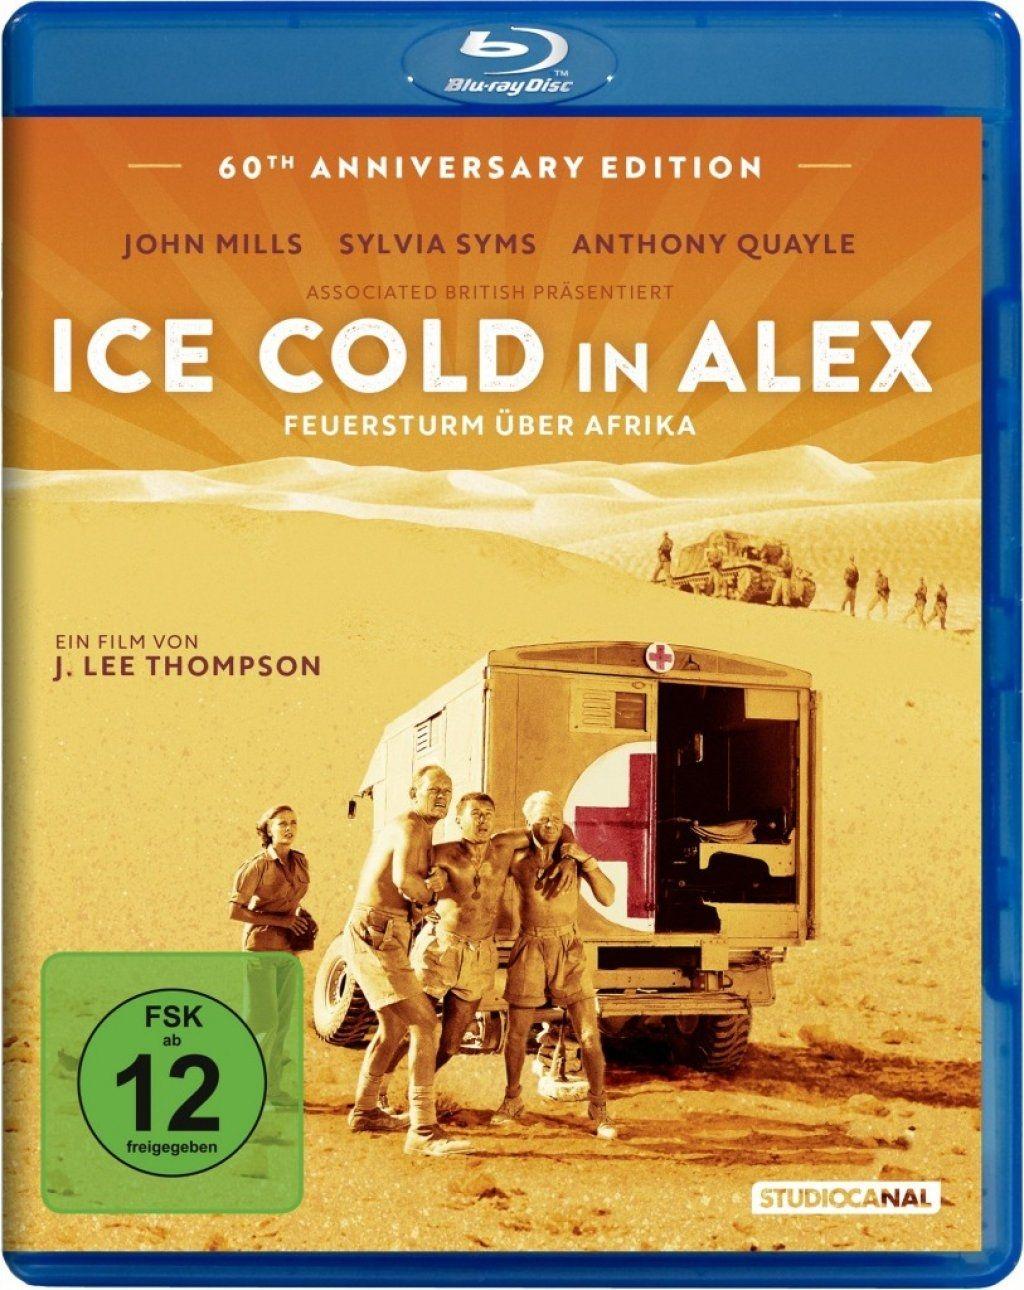 Ice Cold in Alex - Feuersturm über Afrika (BLURAY)